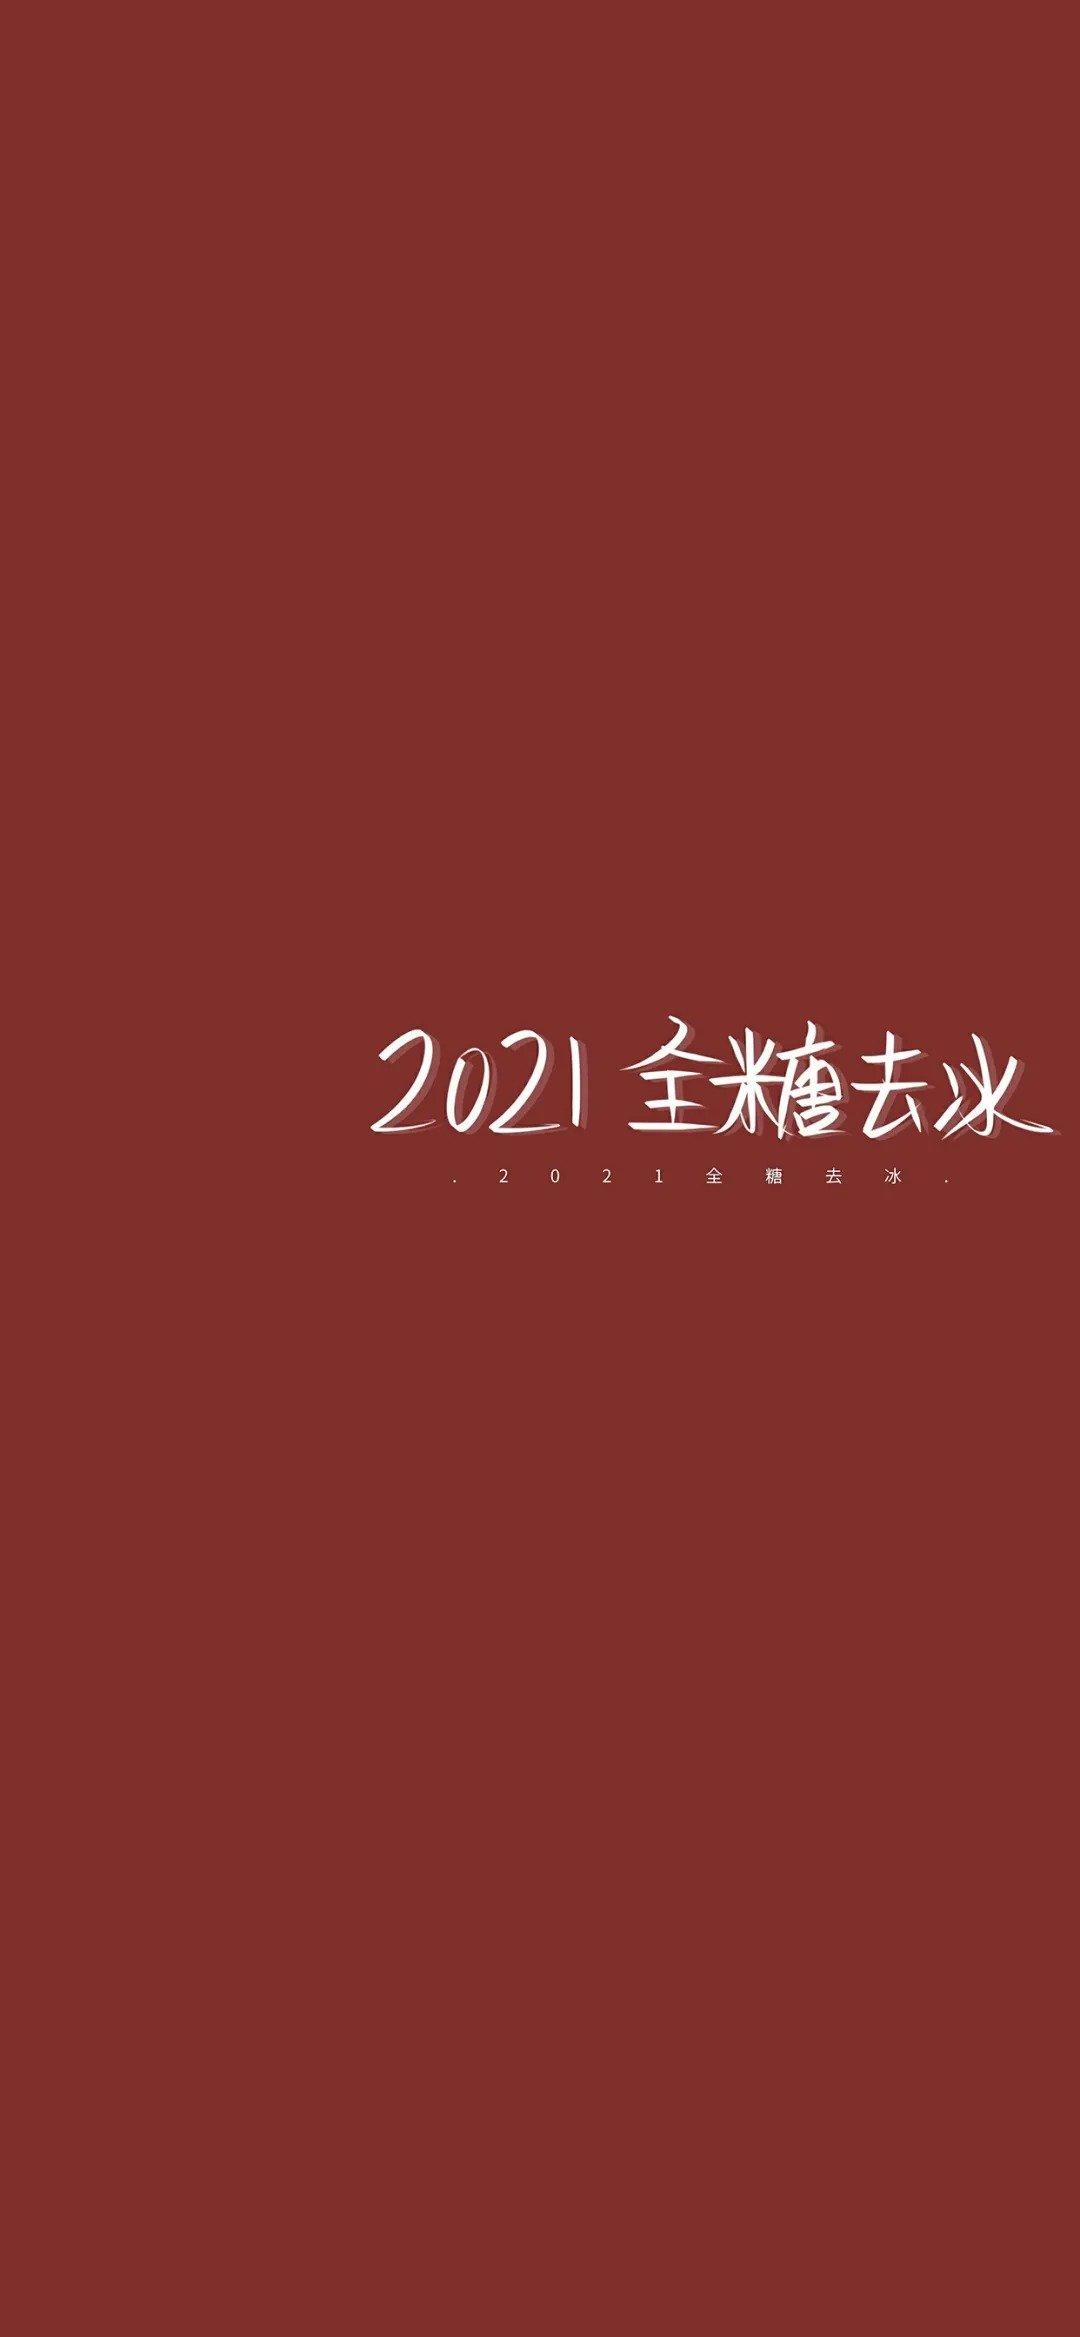 壁纸   2021手机壁纸插图13